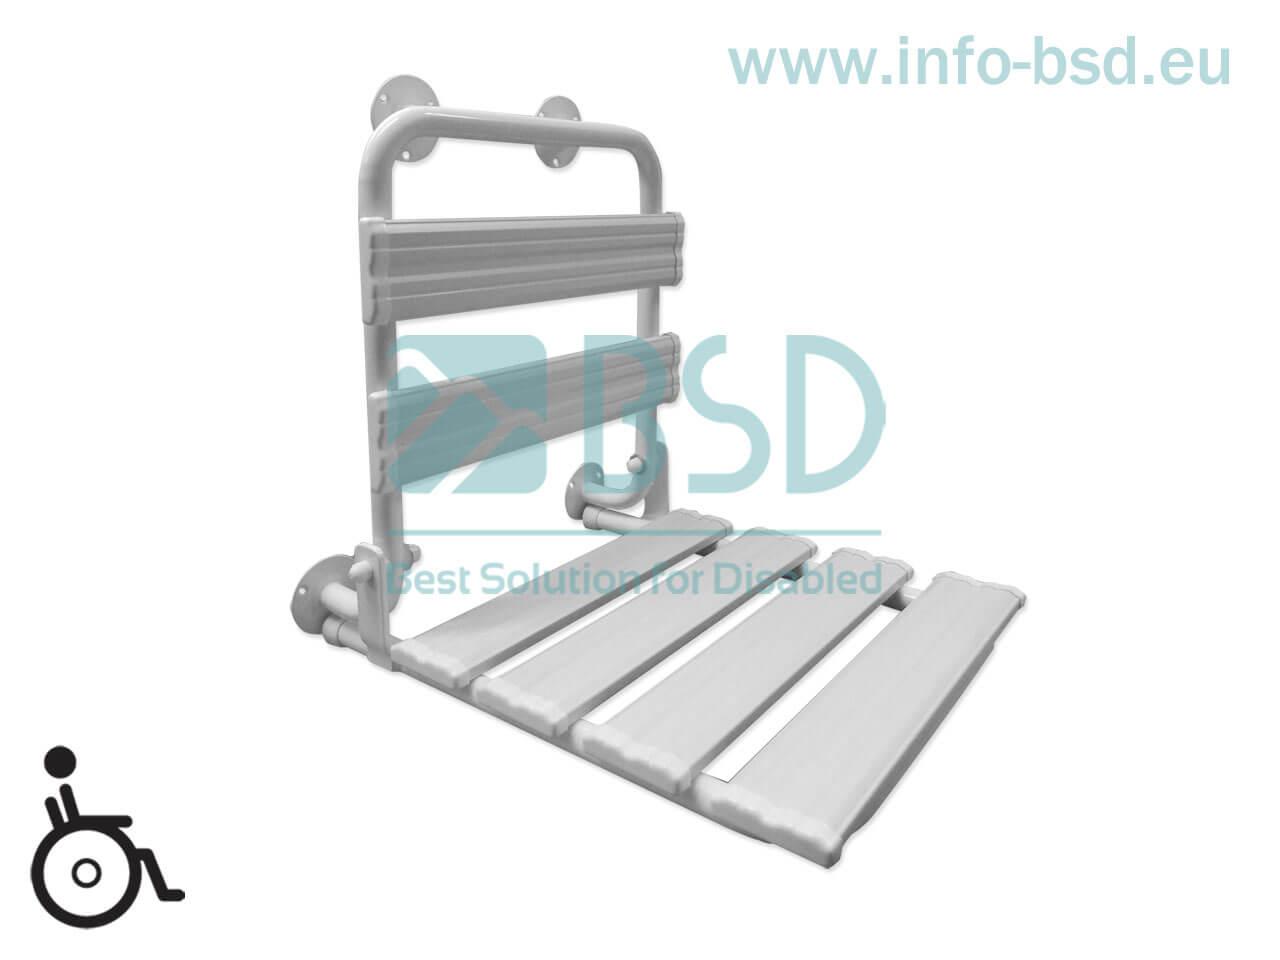 krzesełko prysznicowe składane z oparciem dla osób niepełnosprawnych białe KPU-O B25 BSD